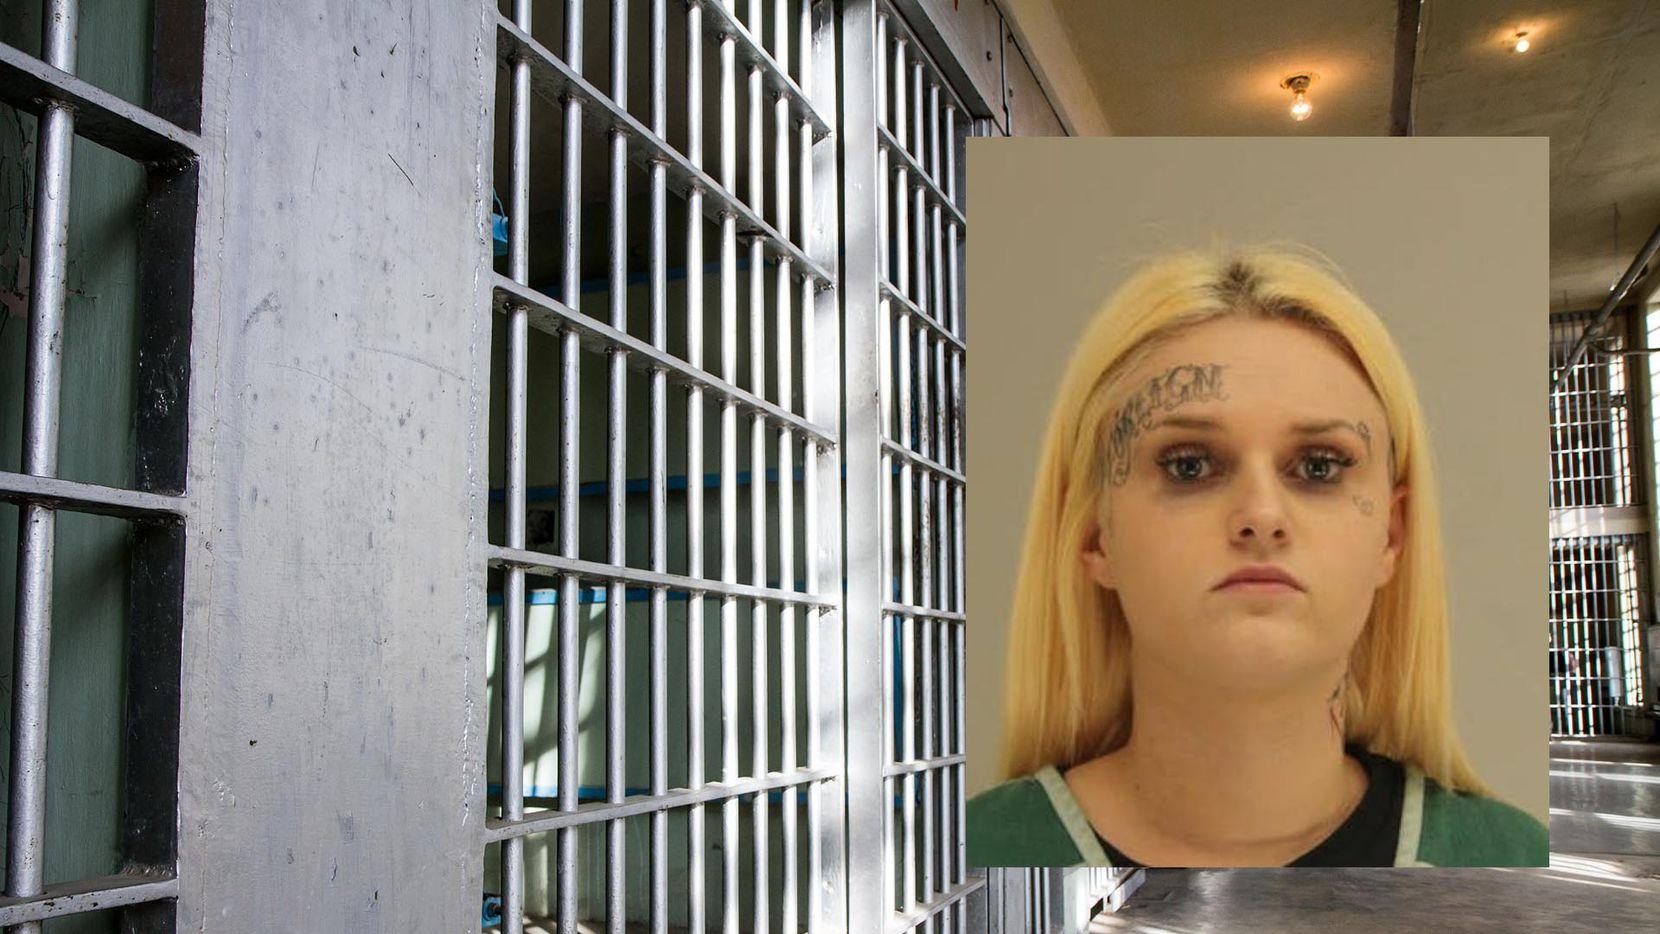 Sydnee Whitaker, de 18 años, está acusada de homicidio capital. AL DÍA